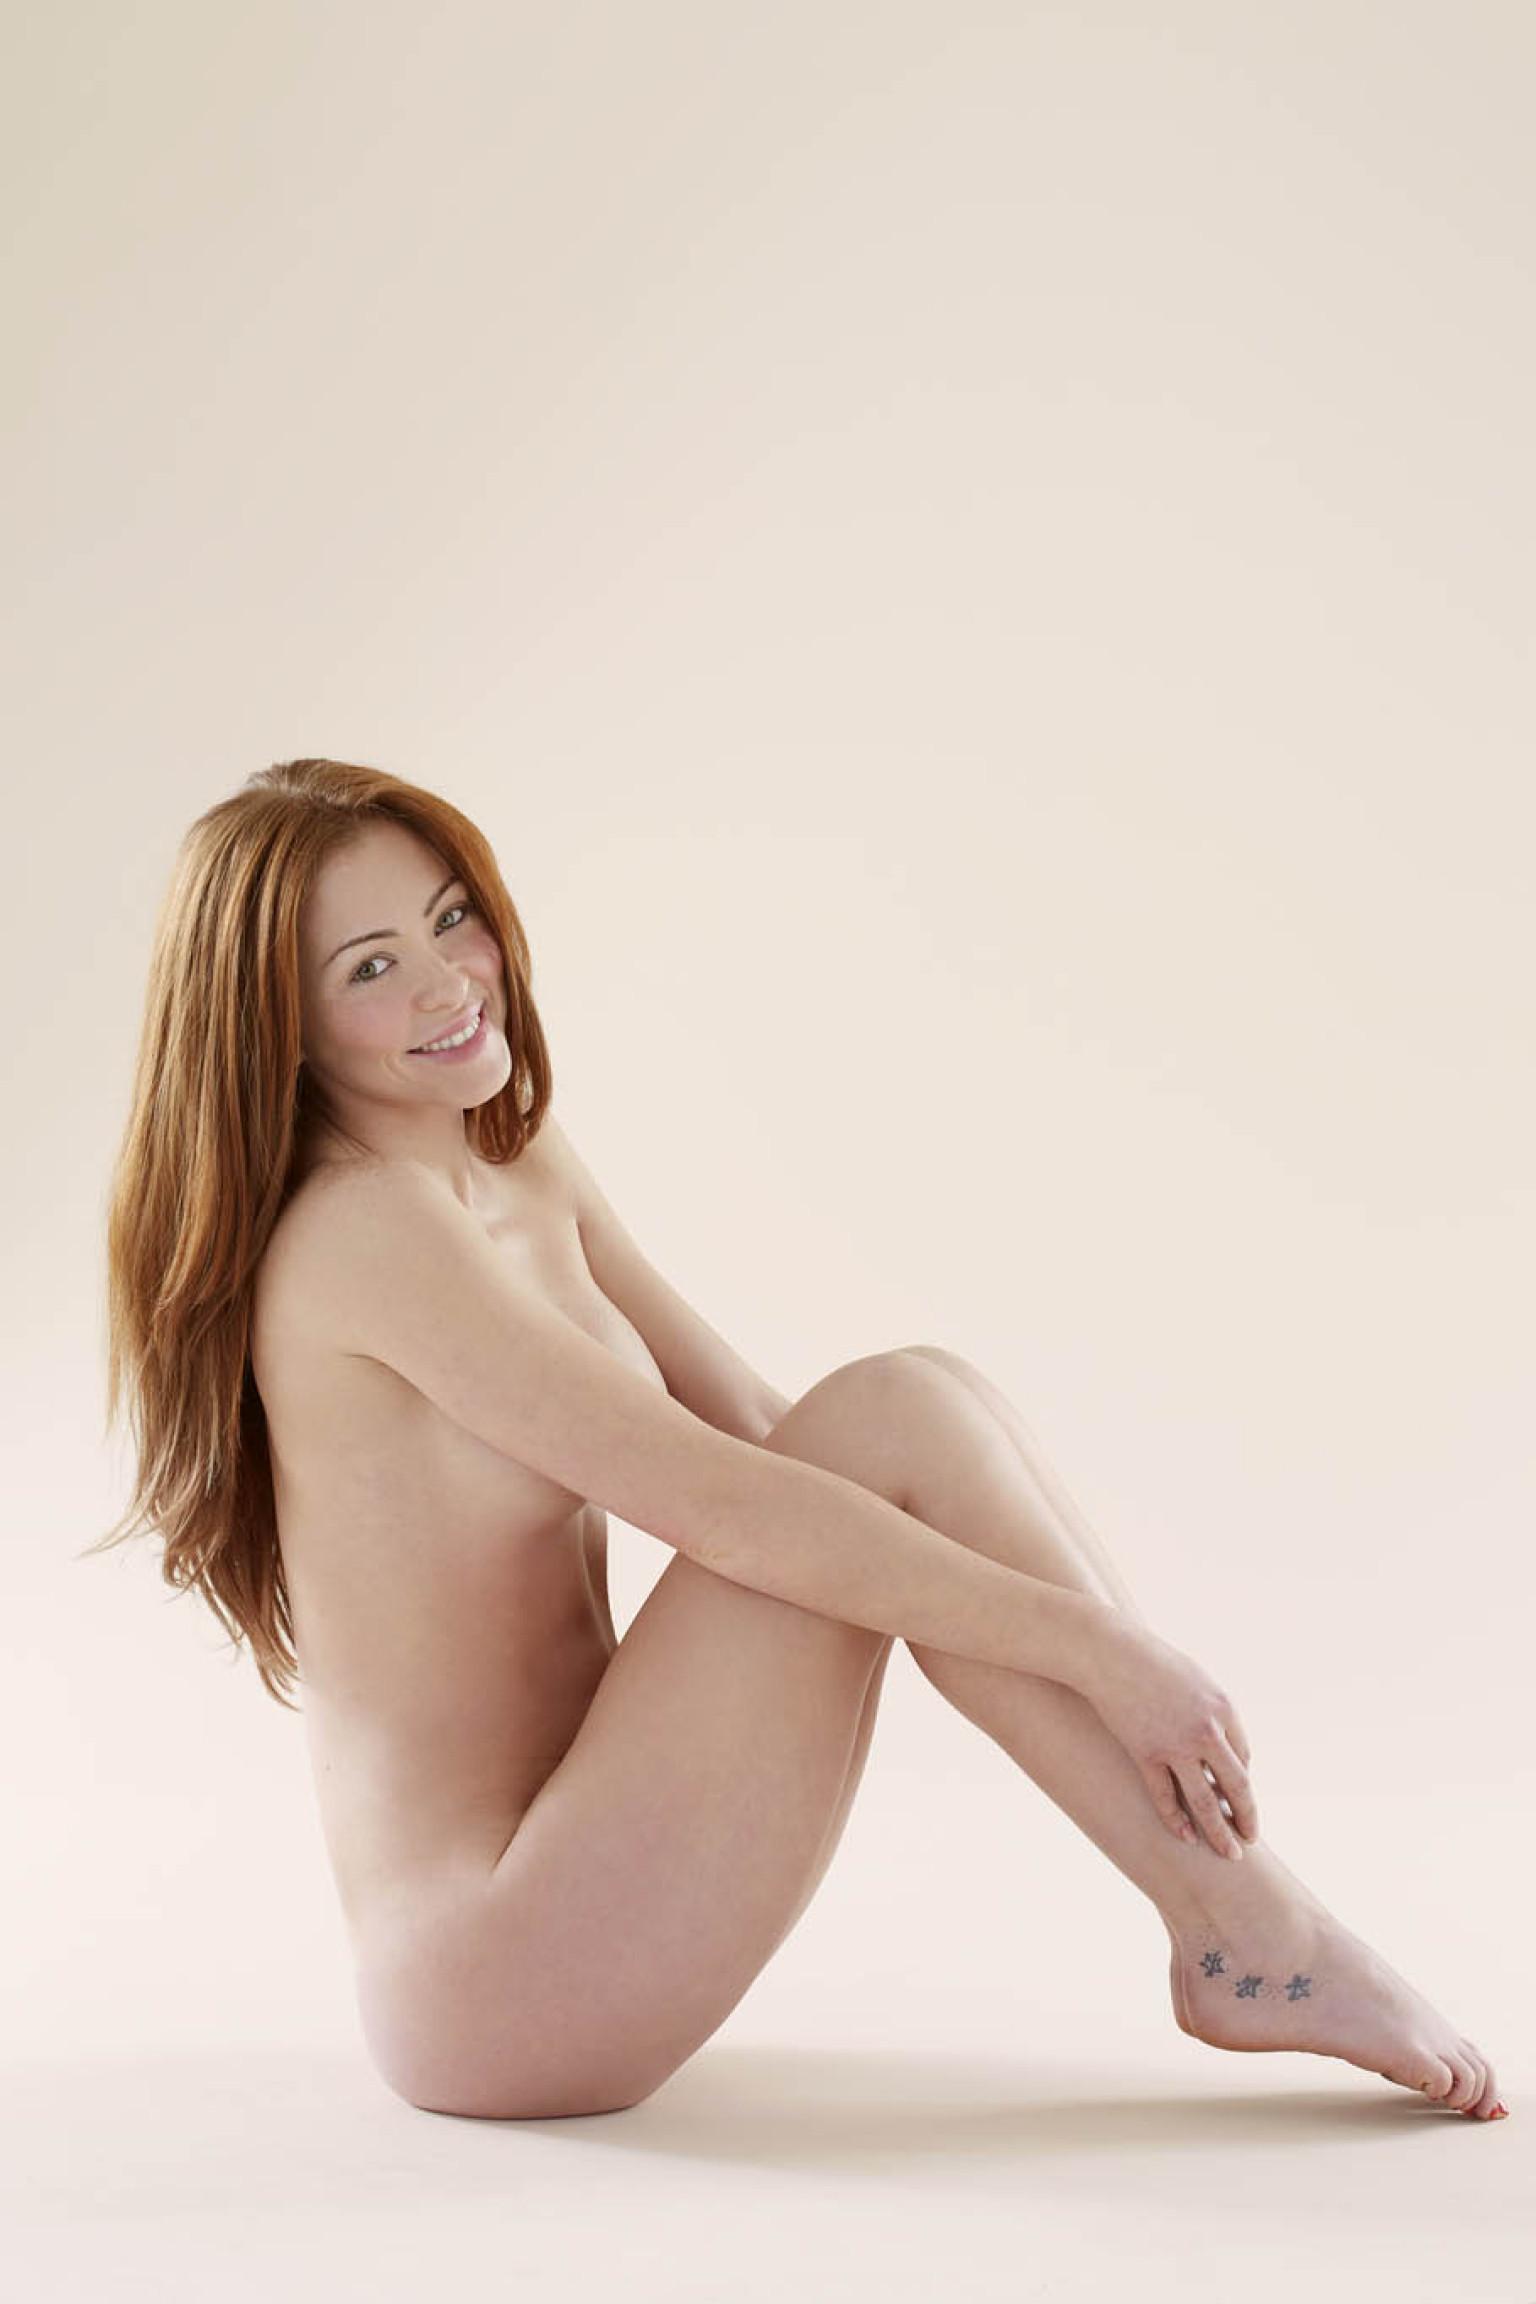 Atomic Kitten Nude Pics 70